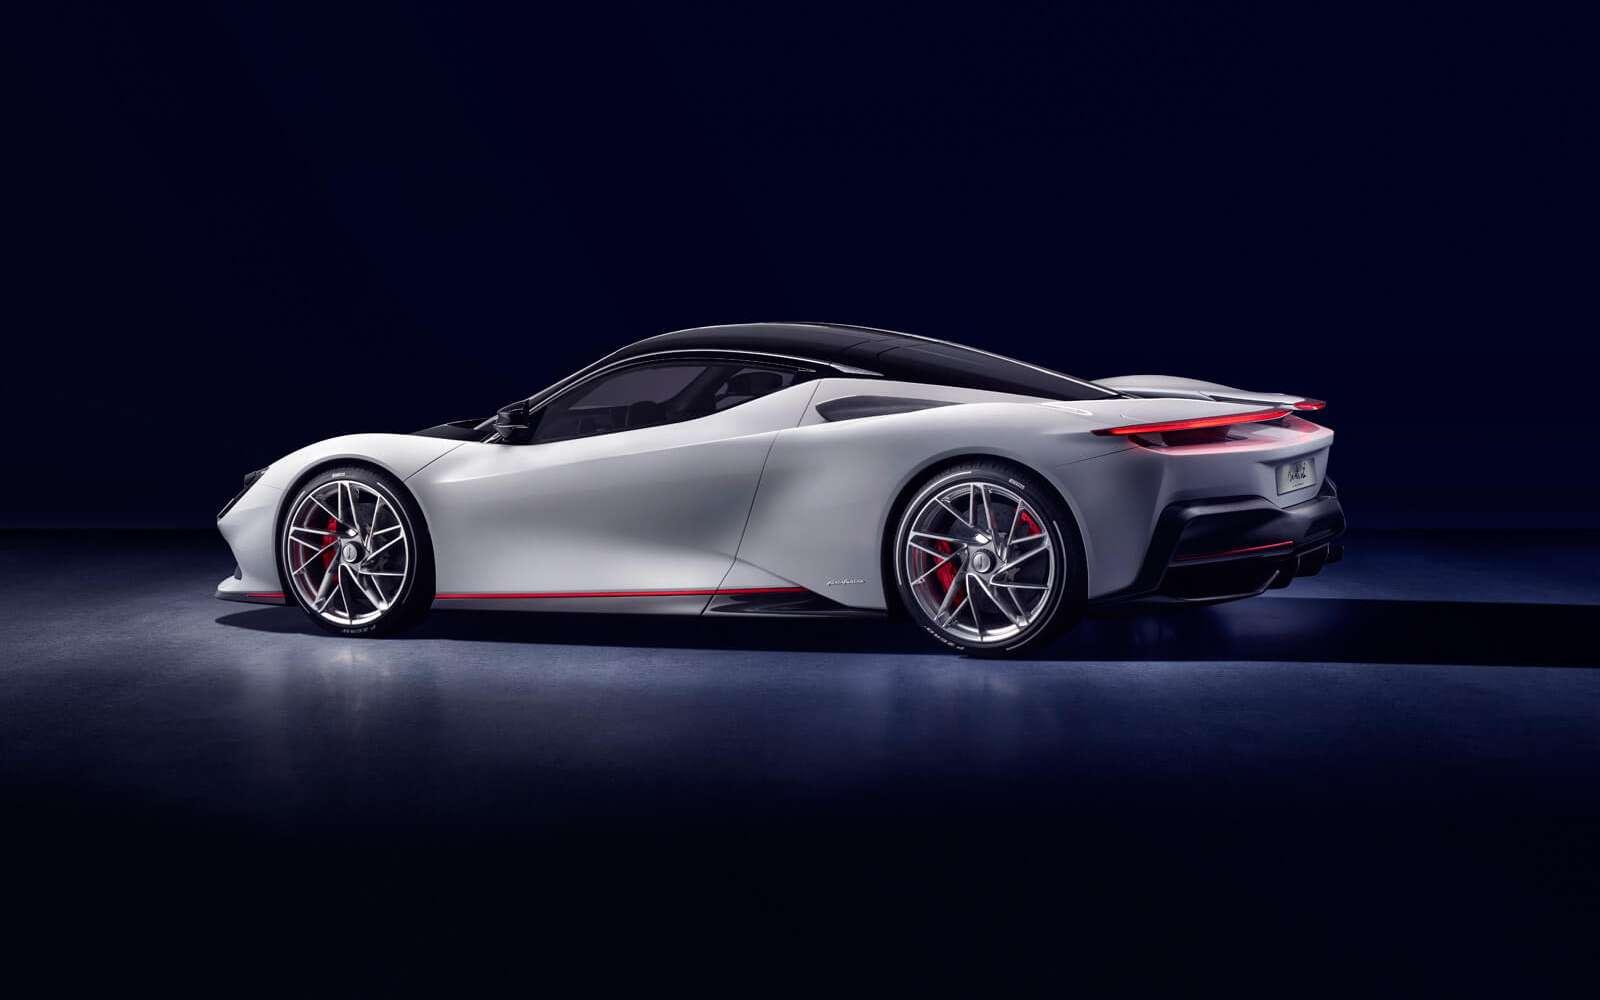 Après avoir travaillé pour les plus grandes marques automobiles, Pininfarina a décidé de créer sa propre voiture. © Pininfarina